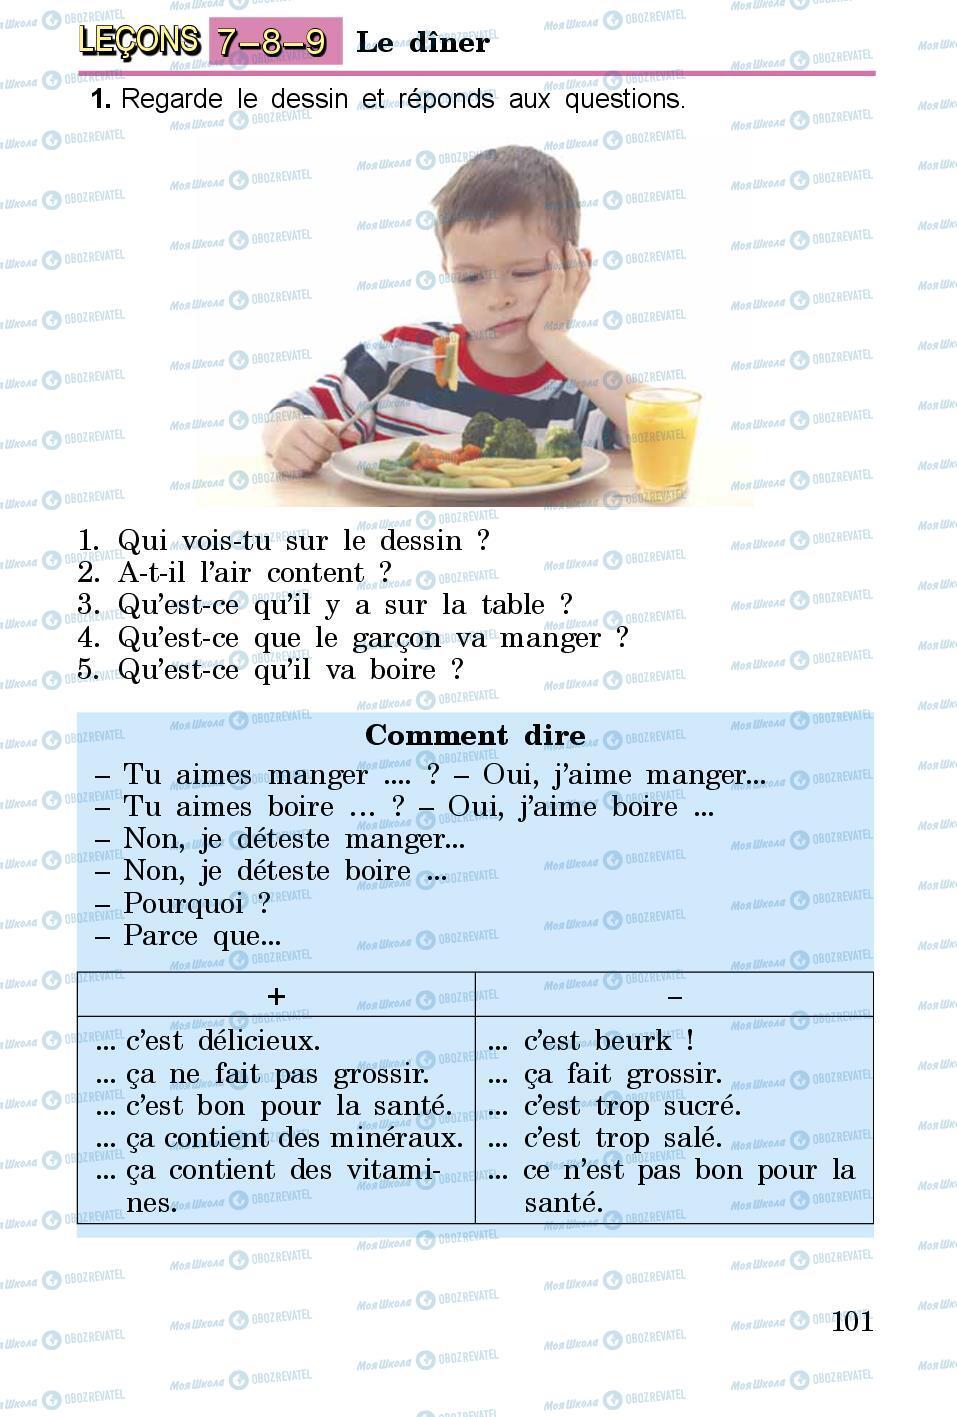 Підручники Французька мова 3 клас сторінка 101